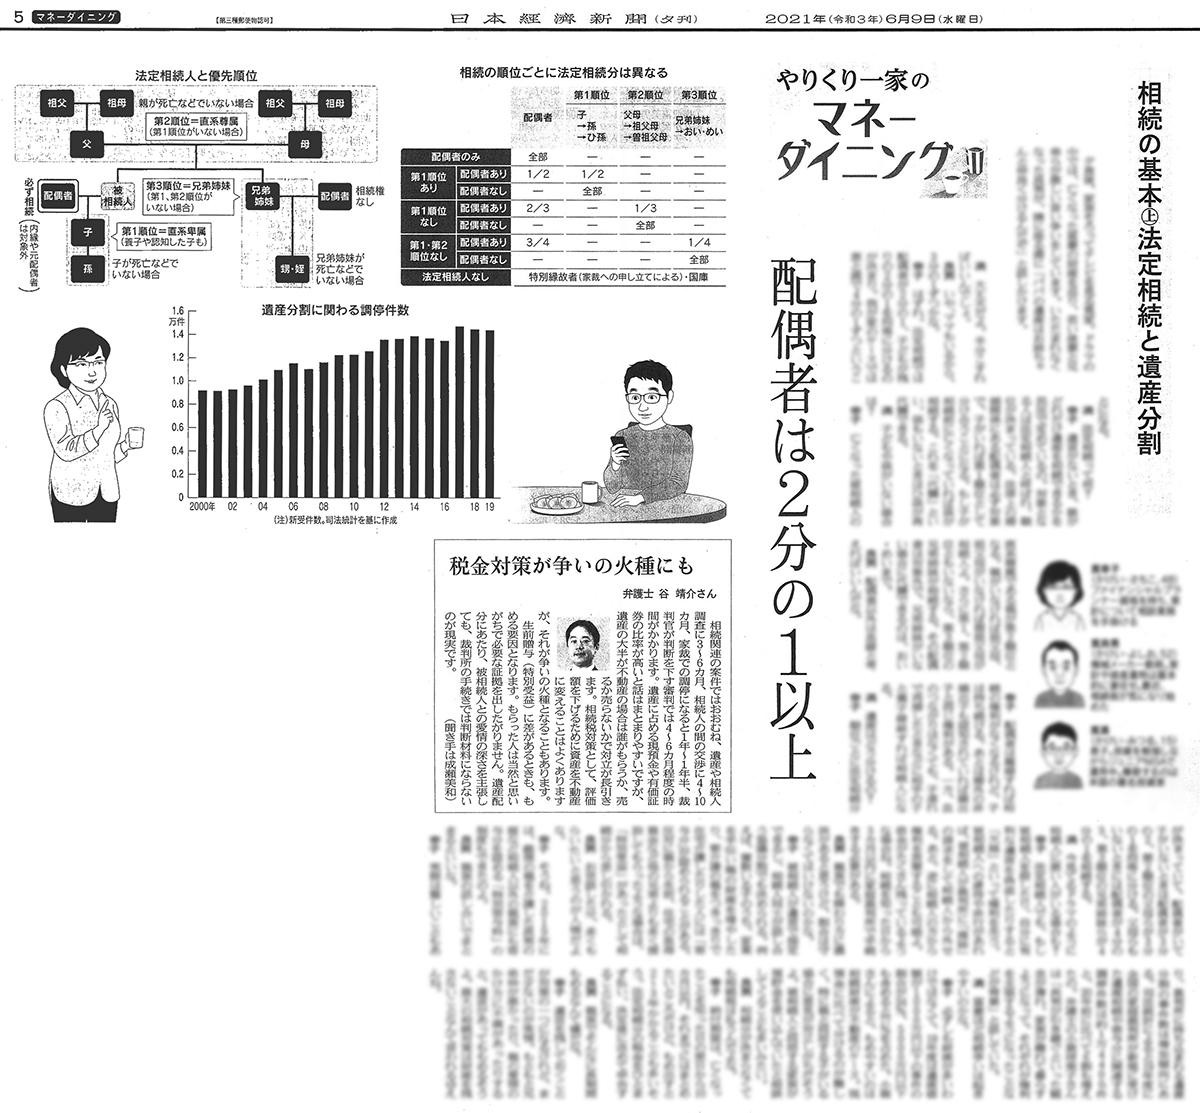 2021年6月9日日本経済新聞夕刊:やりくり一家のマネーダイニング記事